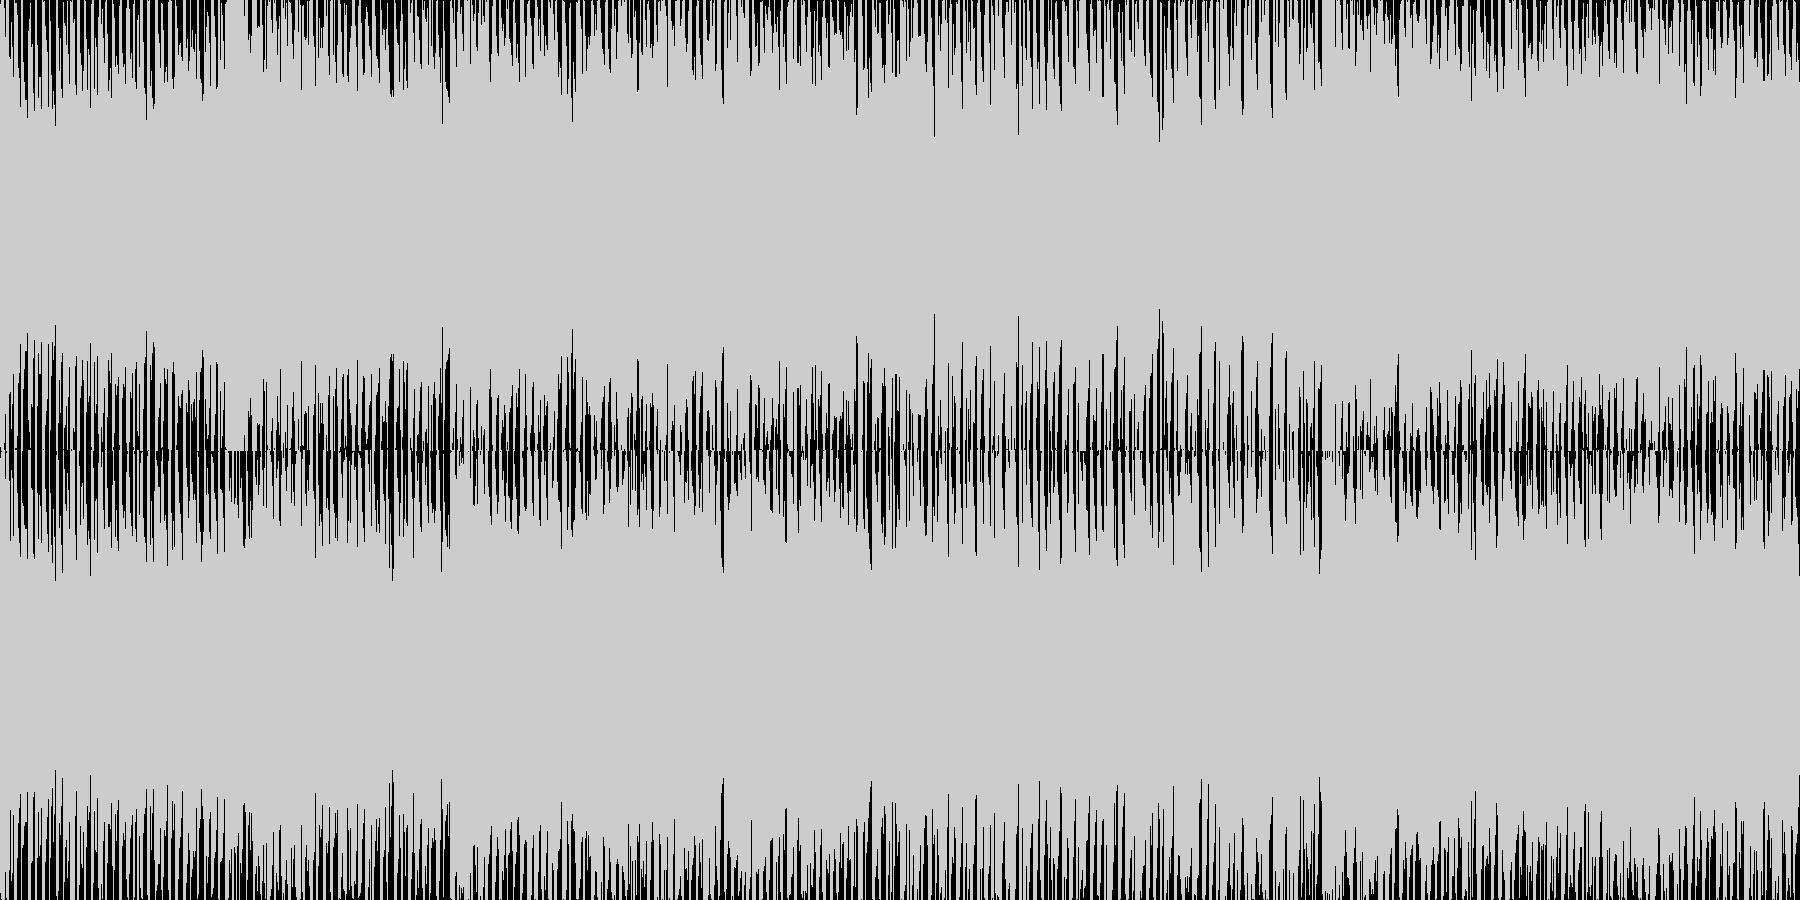 近未来を感じさせるEDMの未再生の波形